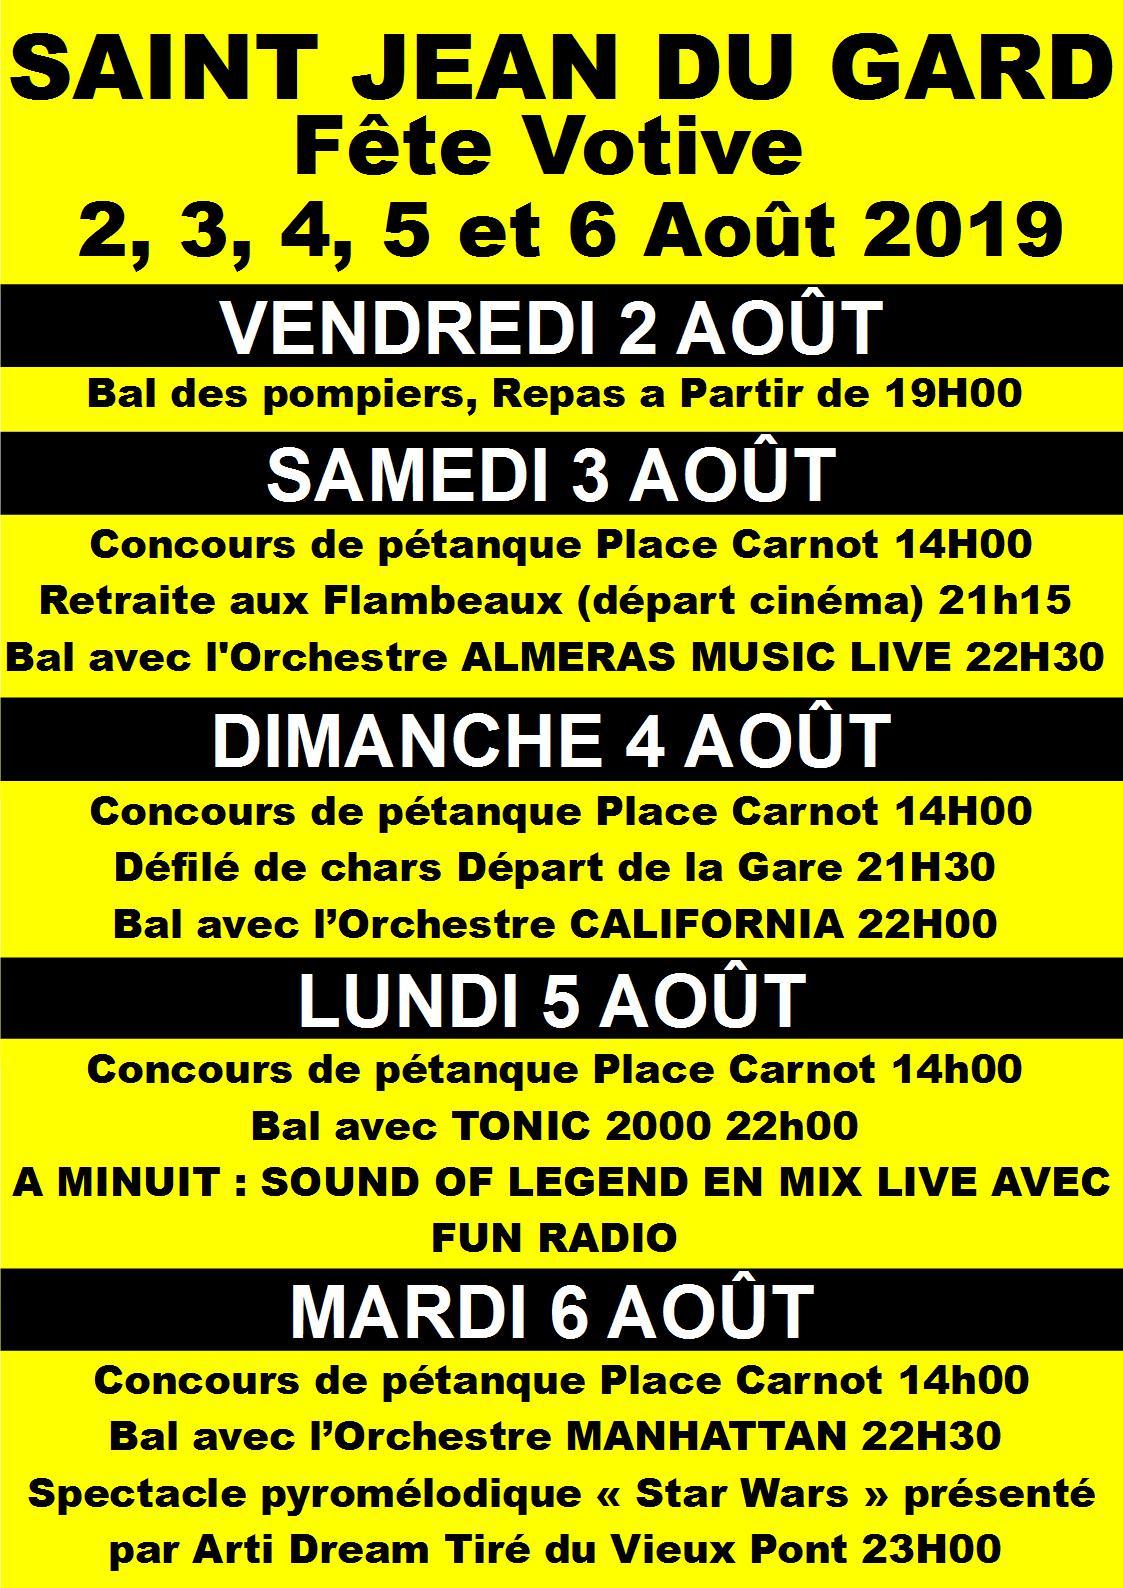 Calendrier Fete Votive 2019 Gard.Fetes Votives Dans Le Gard Fetes De Village 2019 Nemausus Com